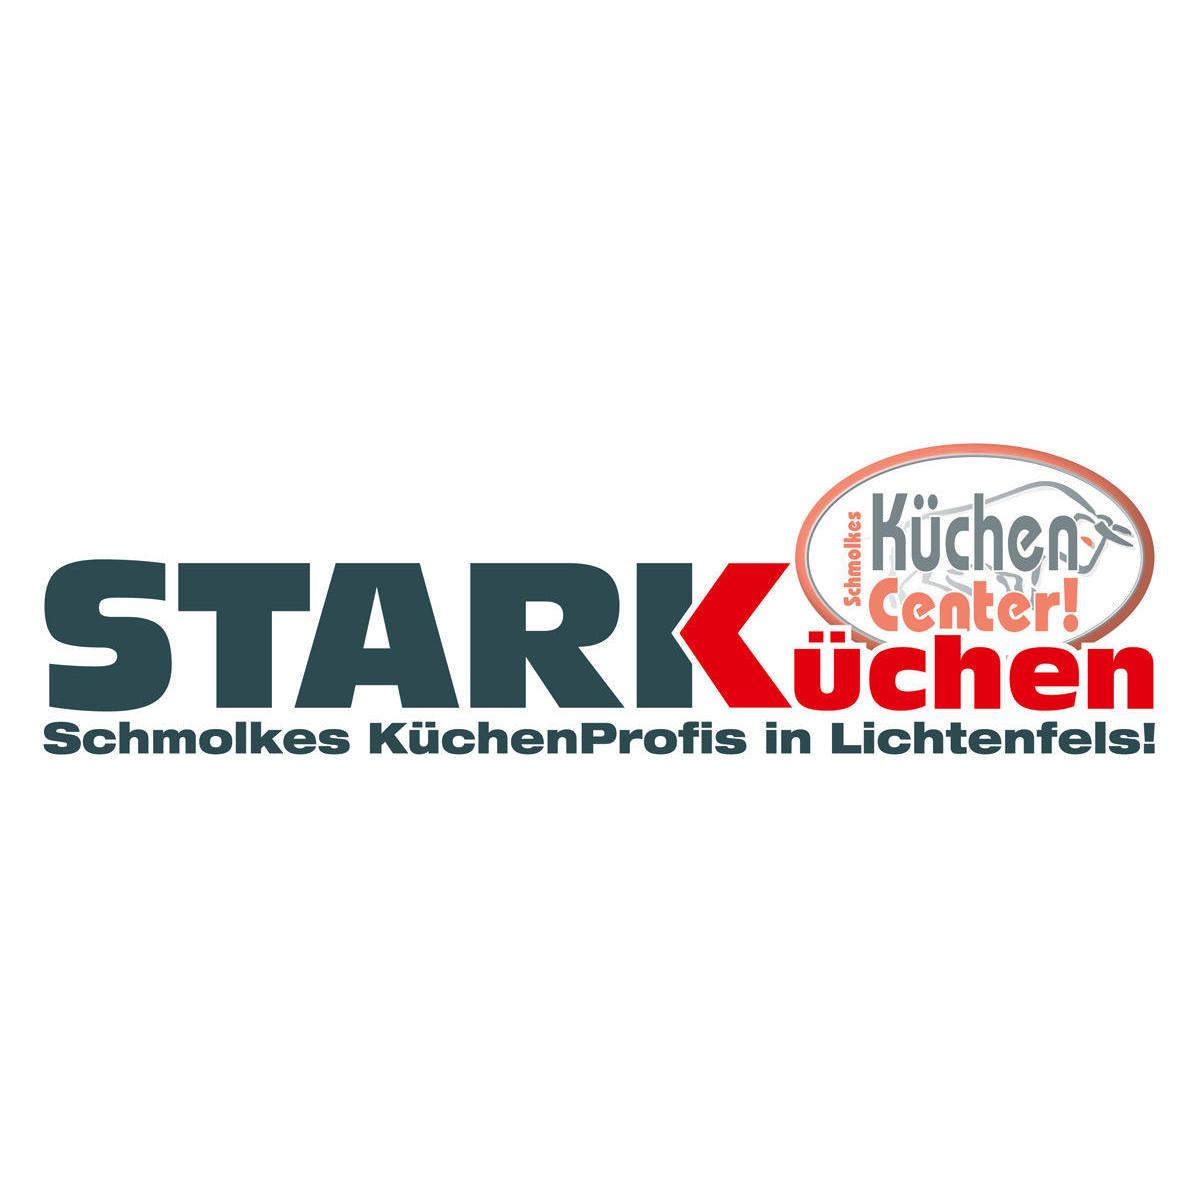 Bild zu STARKüchen Lichtenfels! in Lichtenfels in Bayern